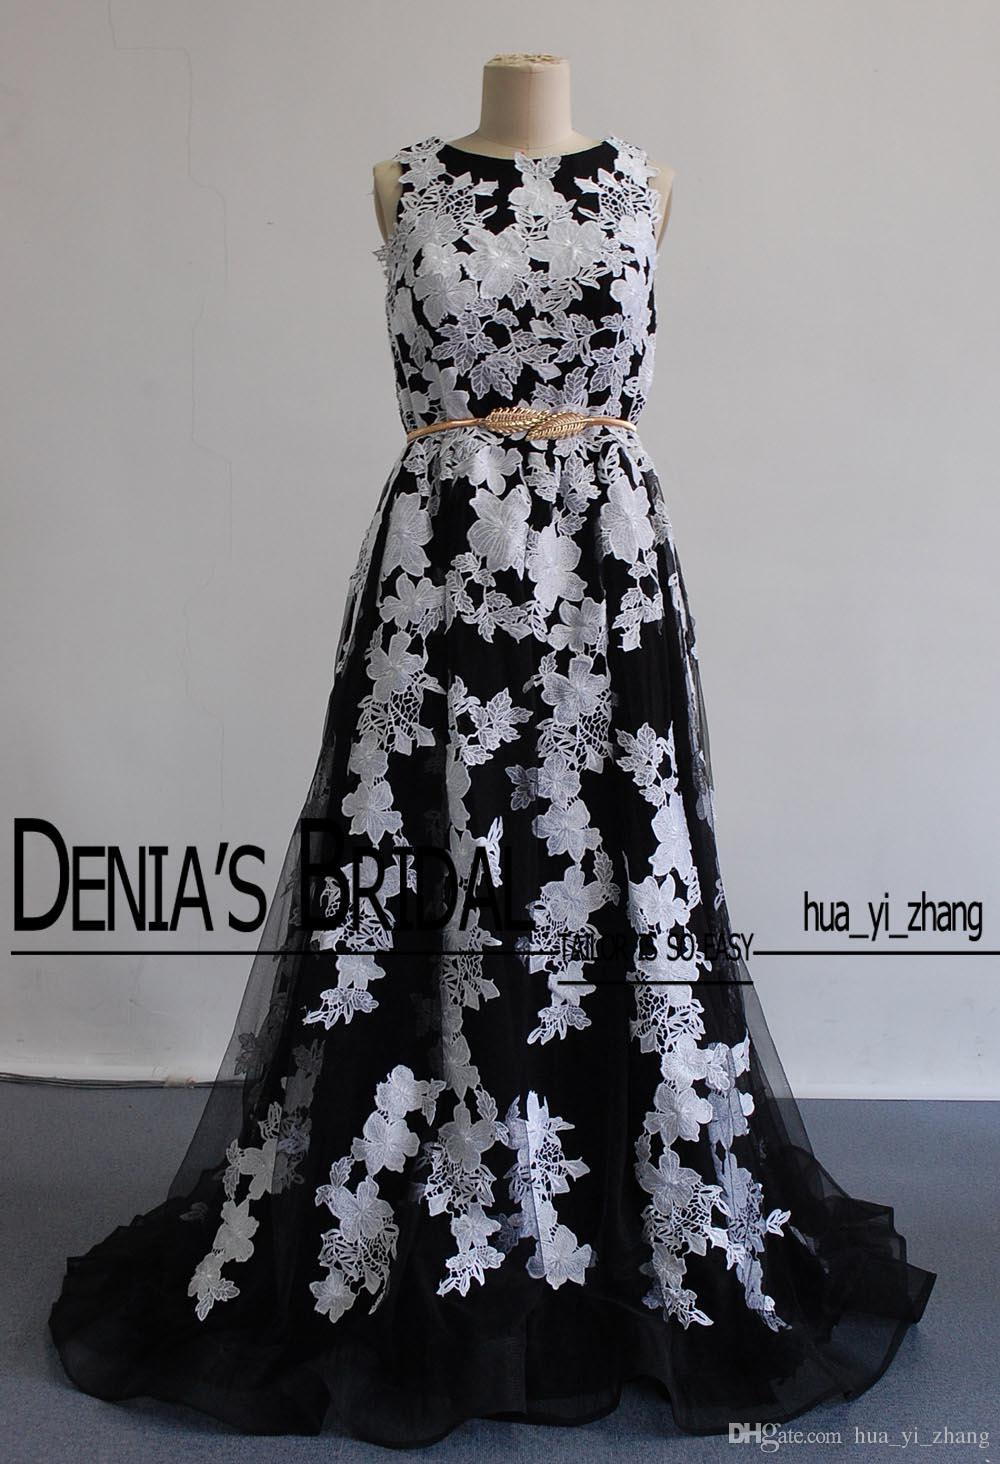 2016 dentelle appliques robes de soirée noir et blanc bijou de vraies images sans manches élégant avec balayage train avec ceinture robes de bal